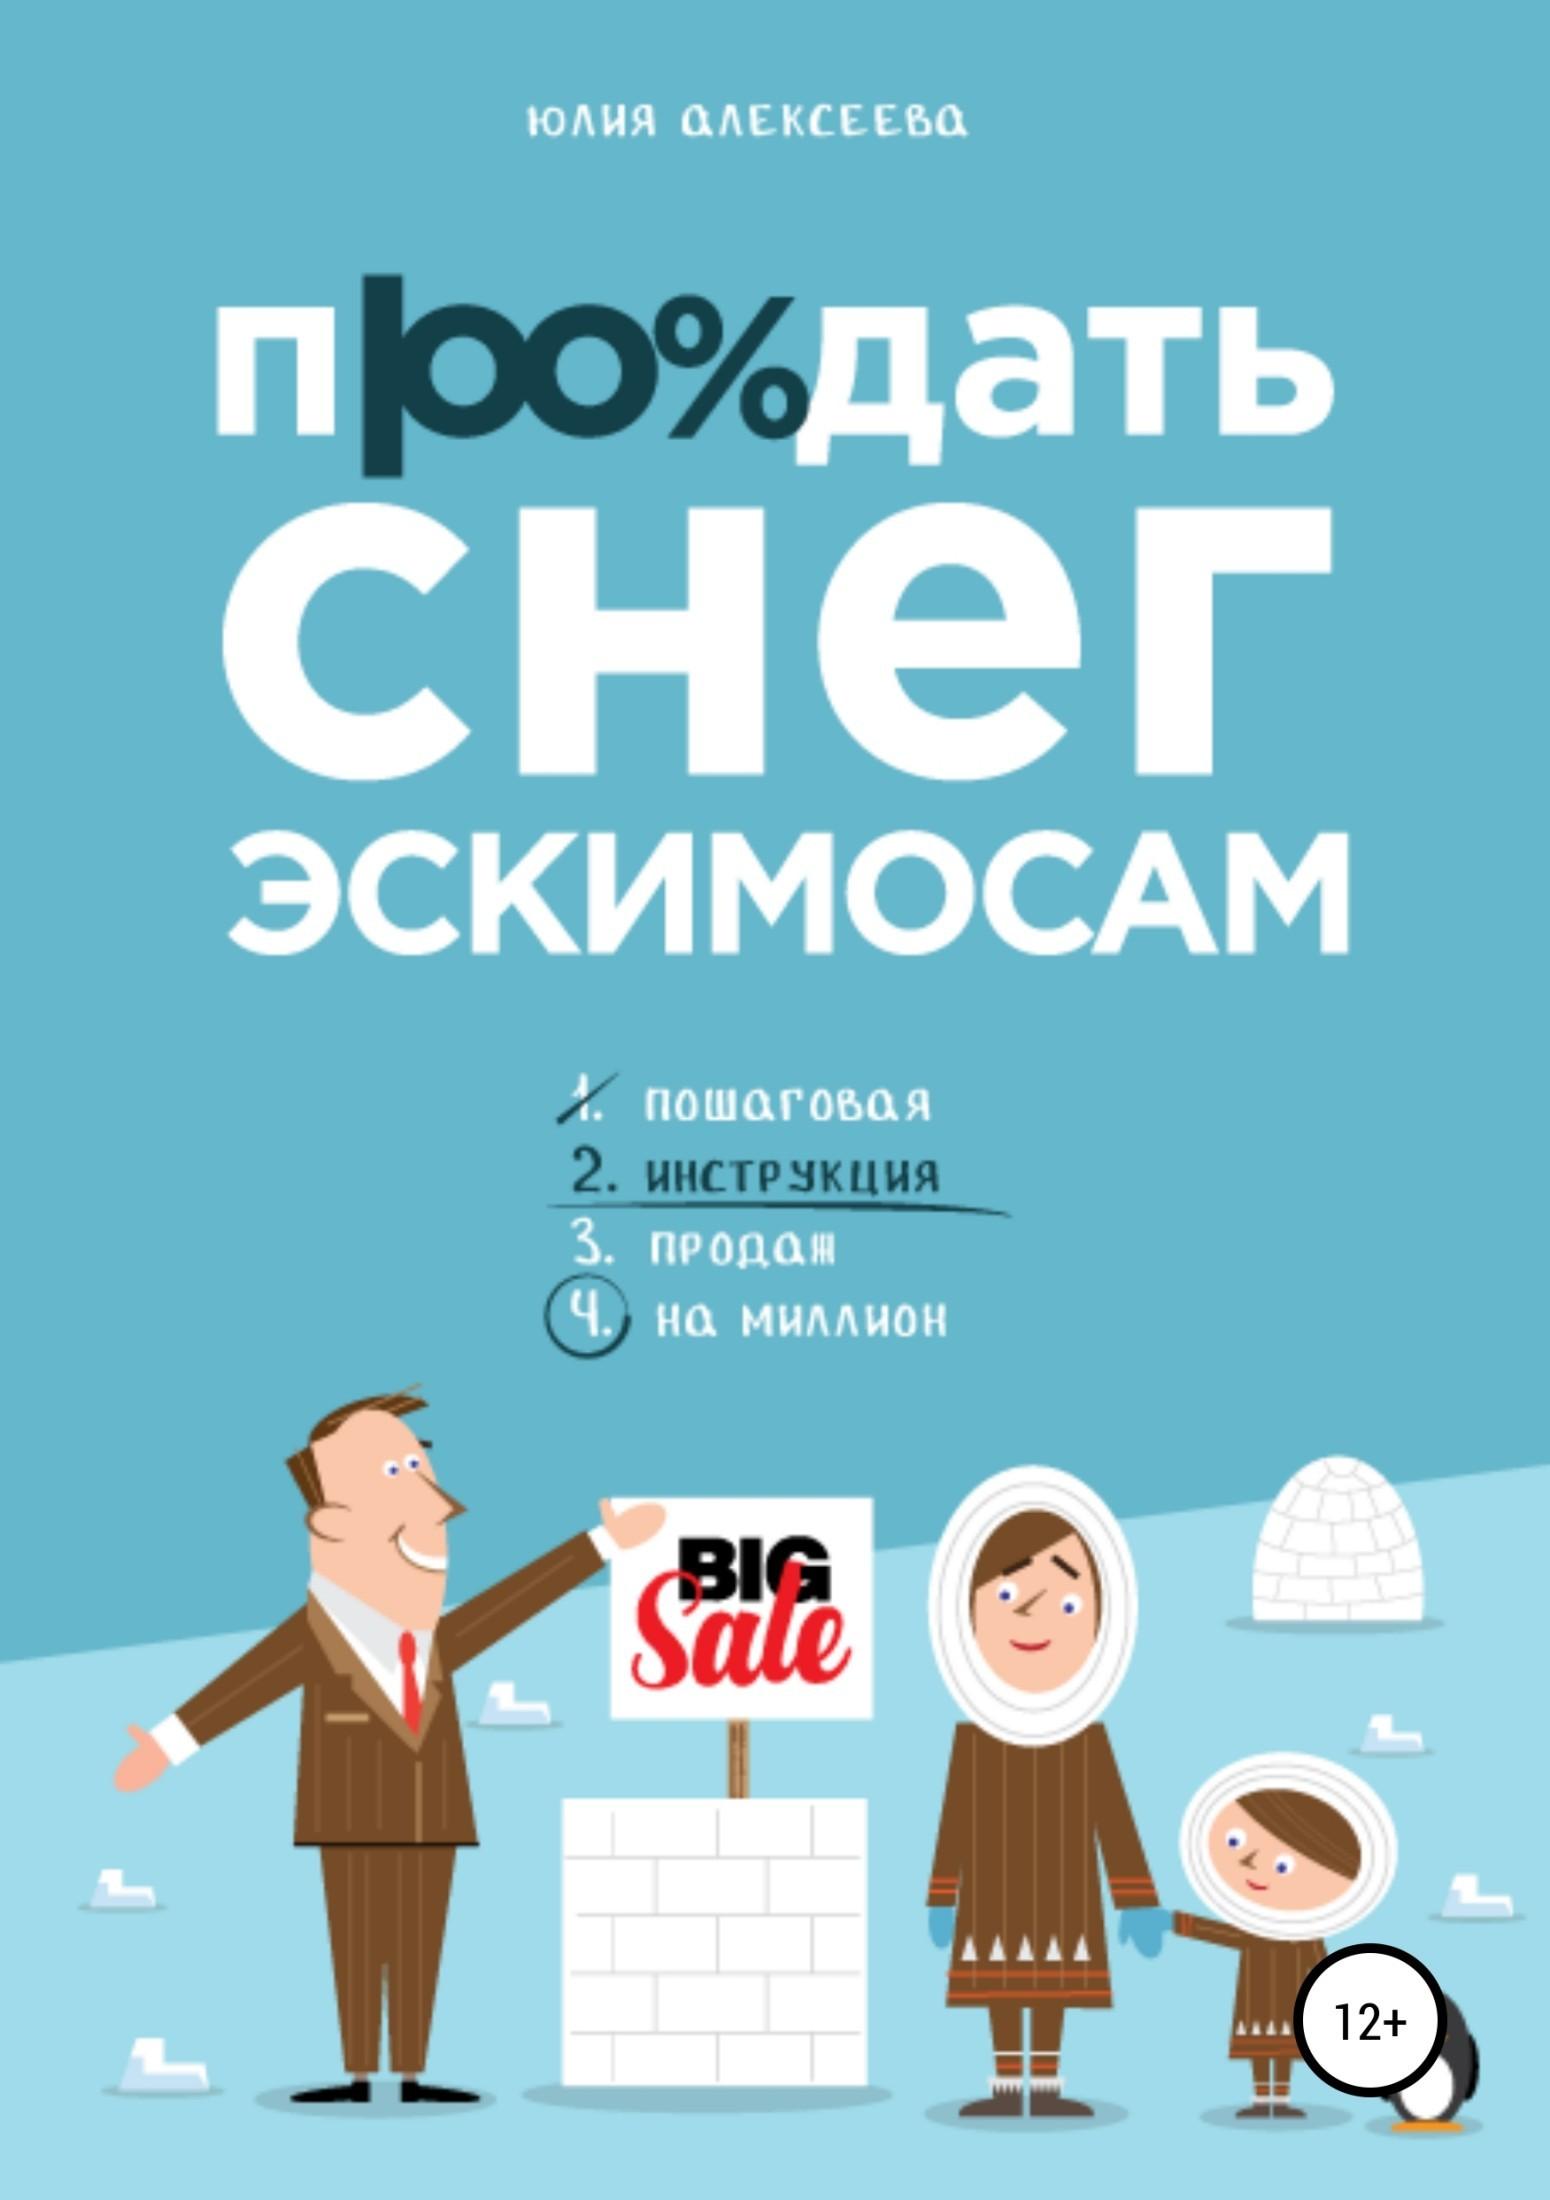 Юлия Владимировна Алексеева Продать снег эскимосам цены онлайн